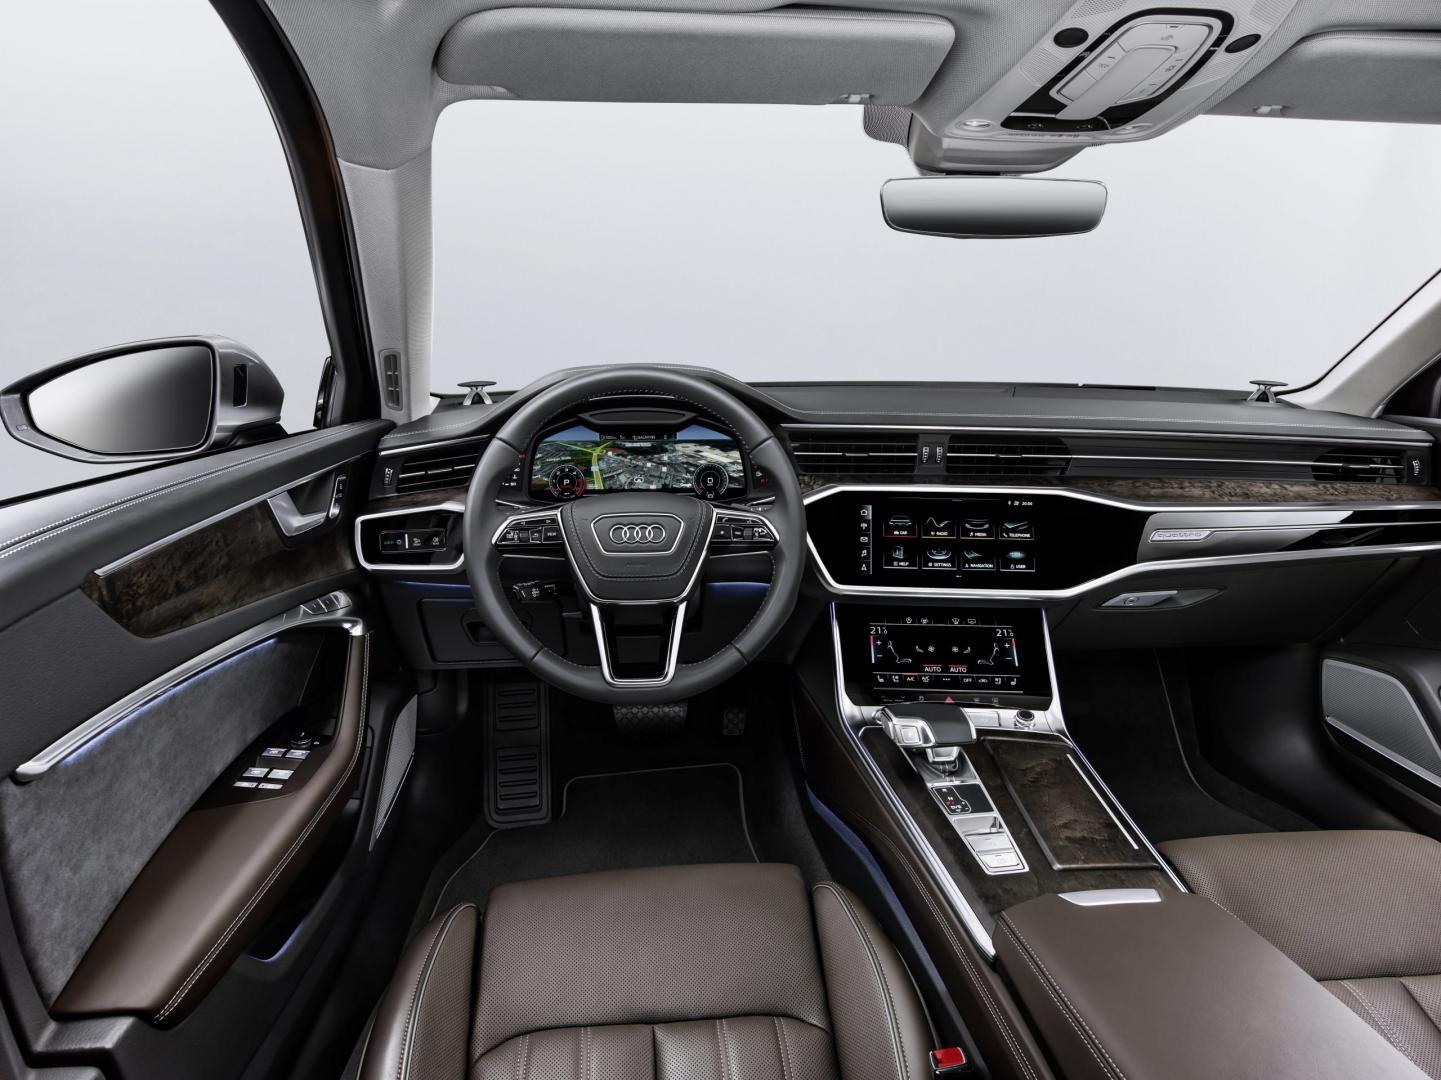 Audi A6 55 TFSI Quattro interieur